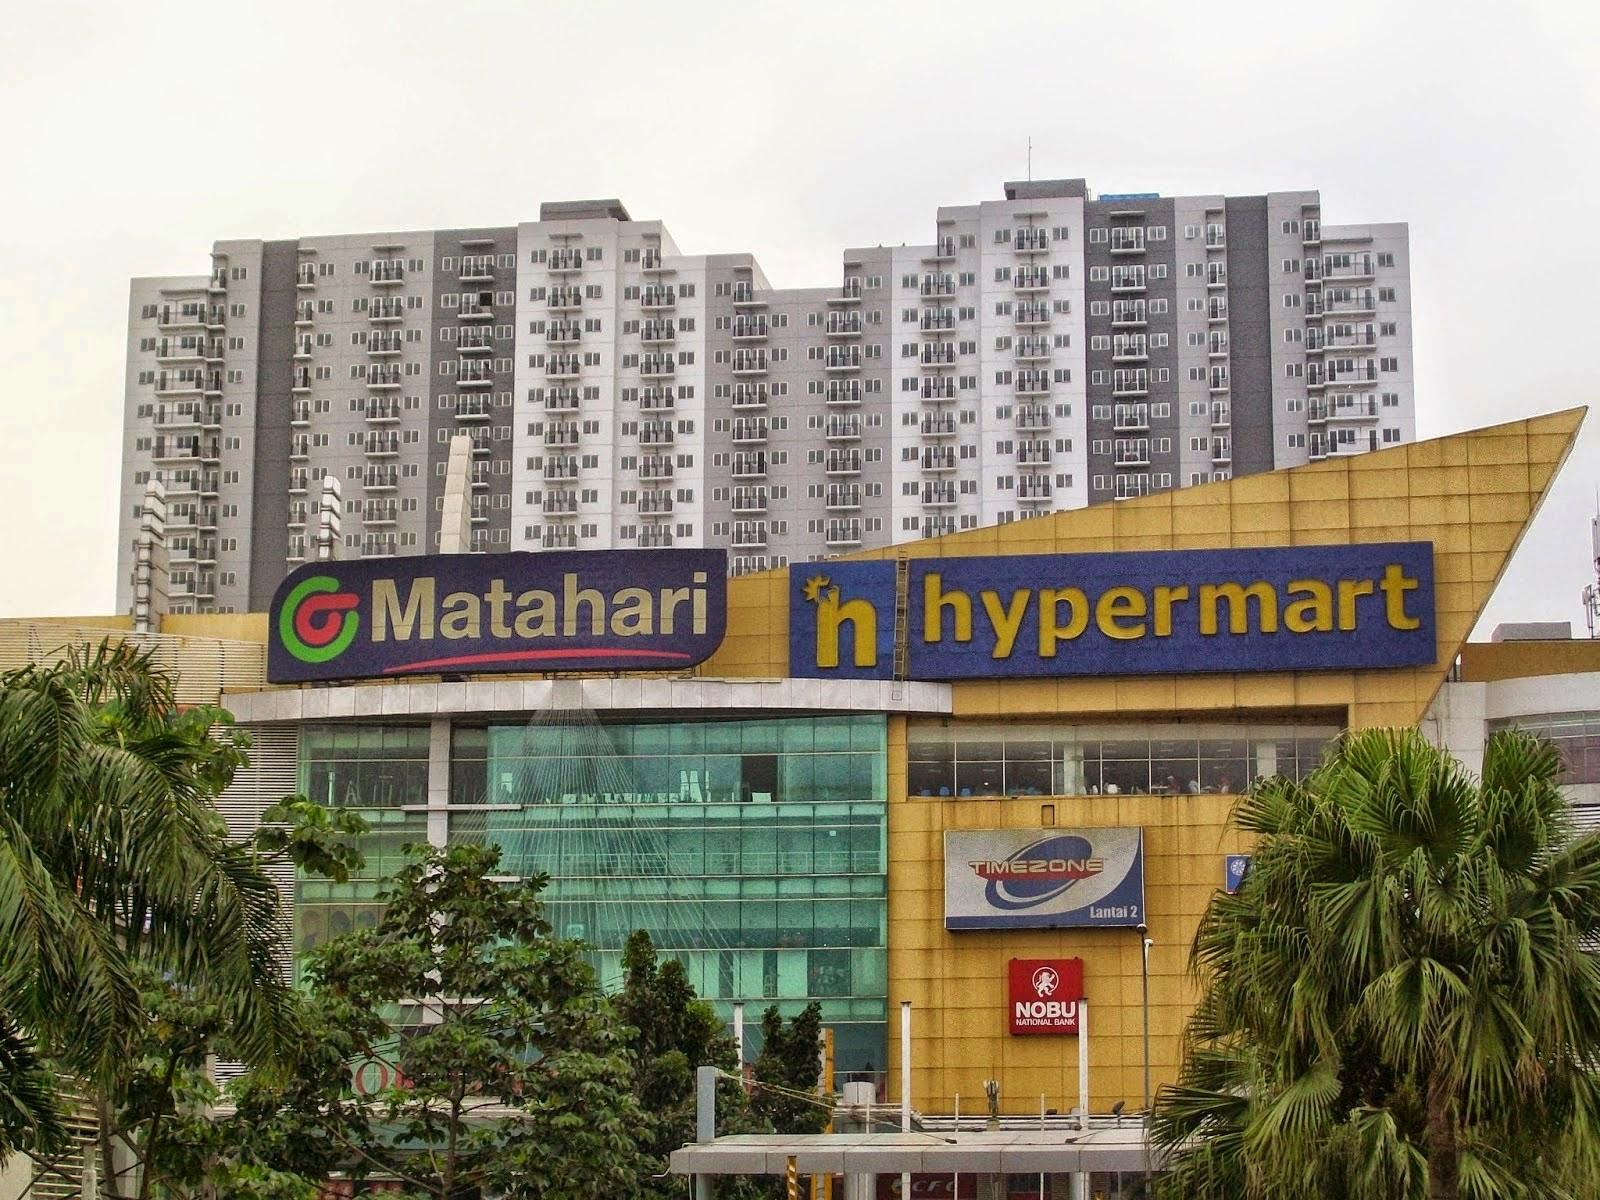 Dijual Kamar PV-1101, Park View Condominium Tower I Depok Jawa Barat